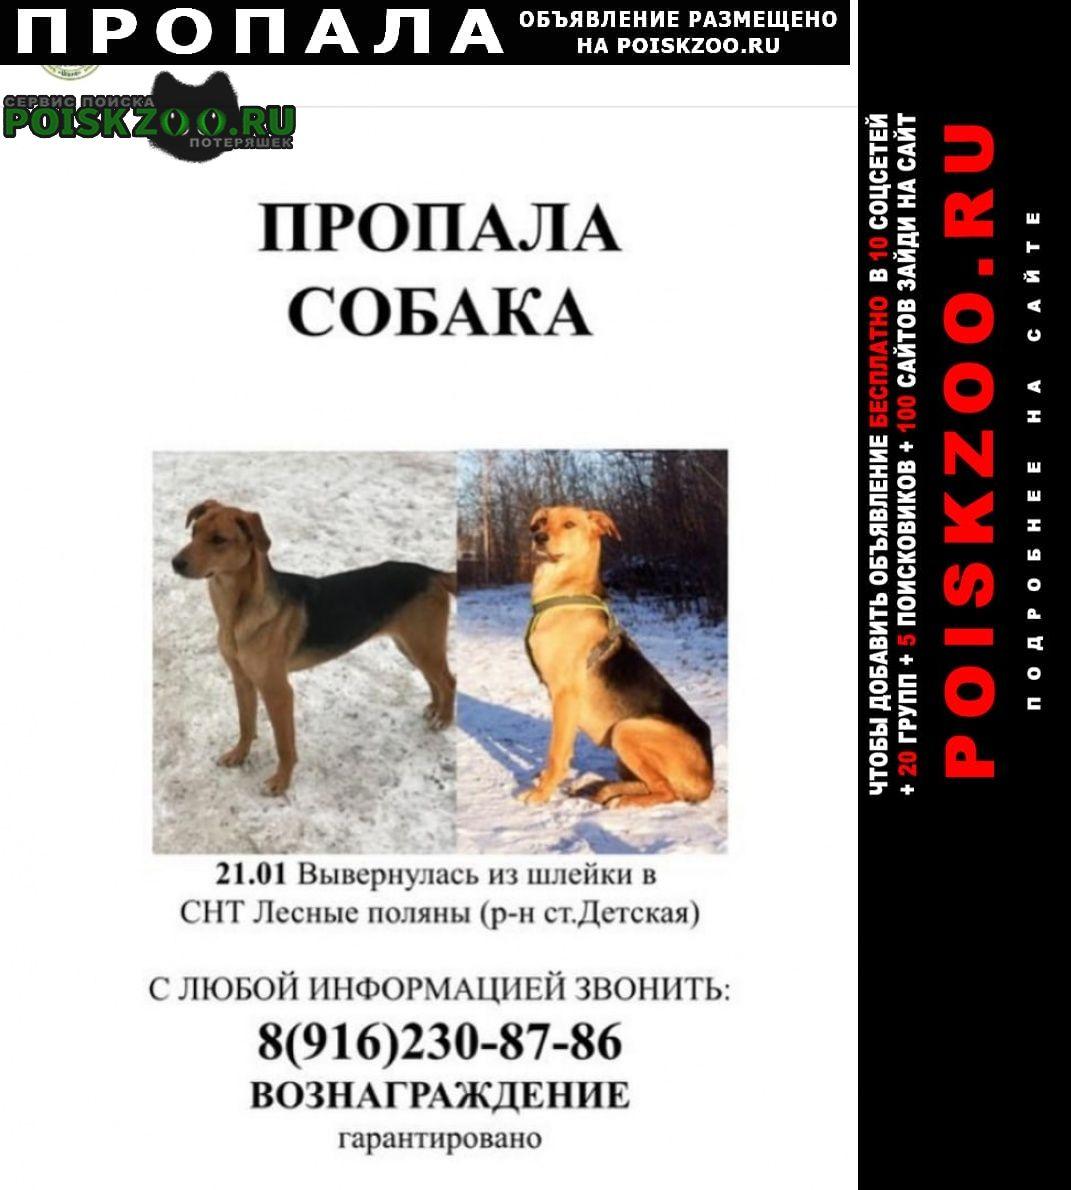 Пропала собака Ивантеевка (Московская обл.)